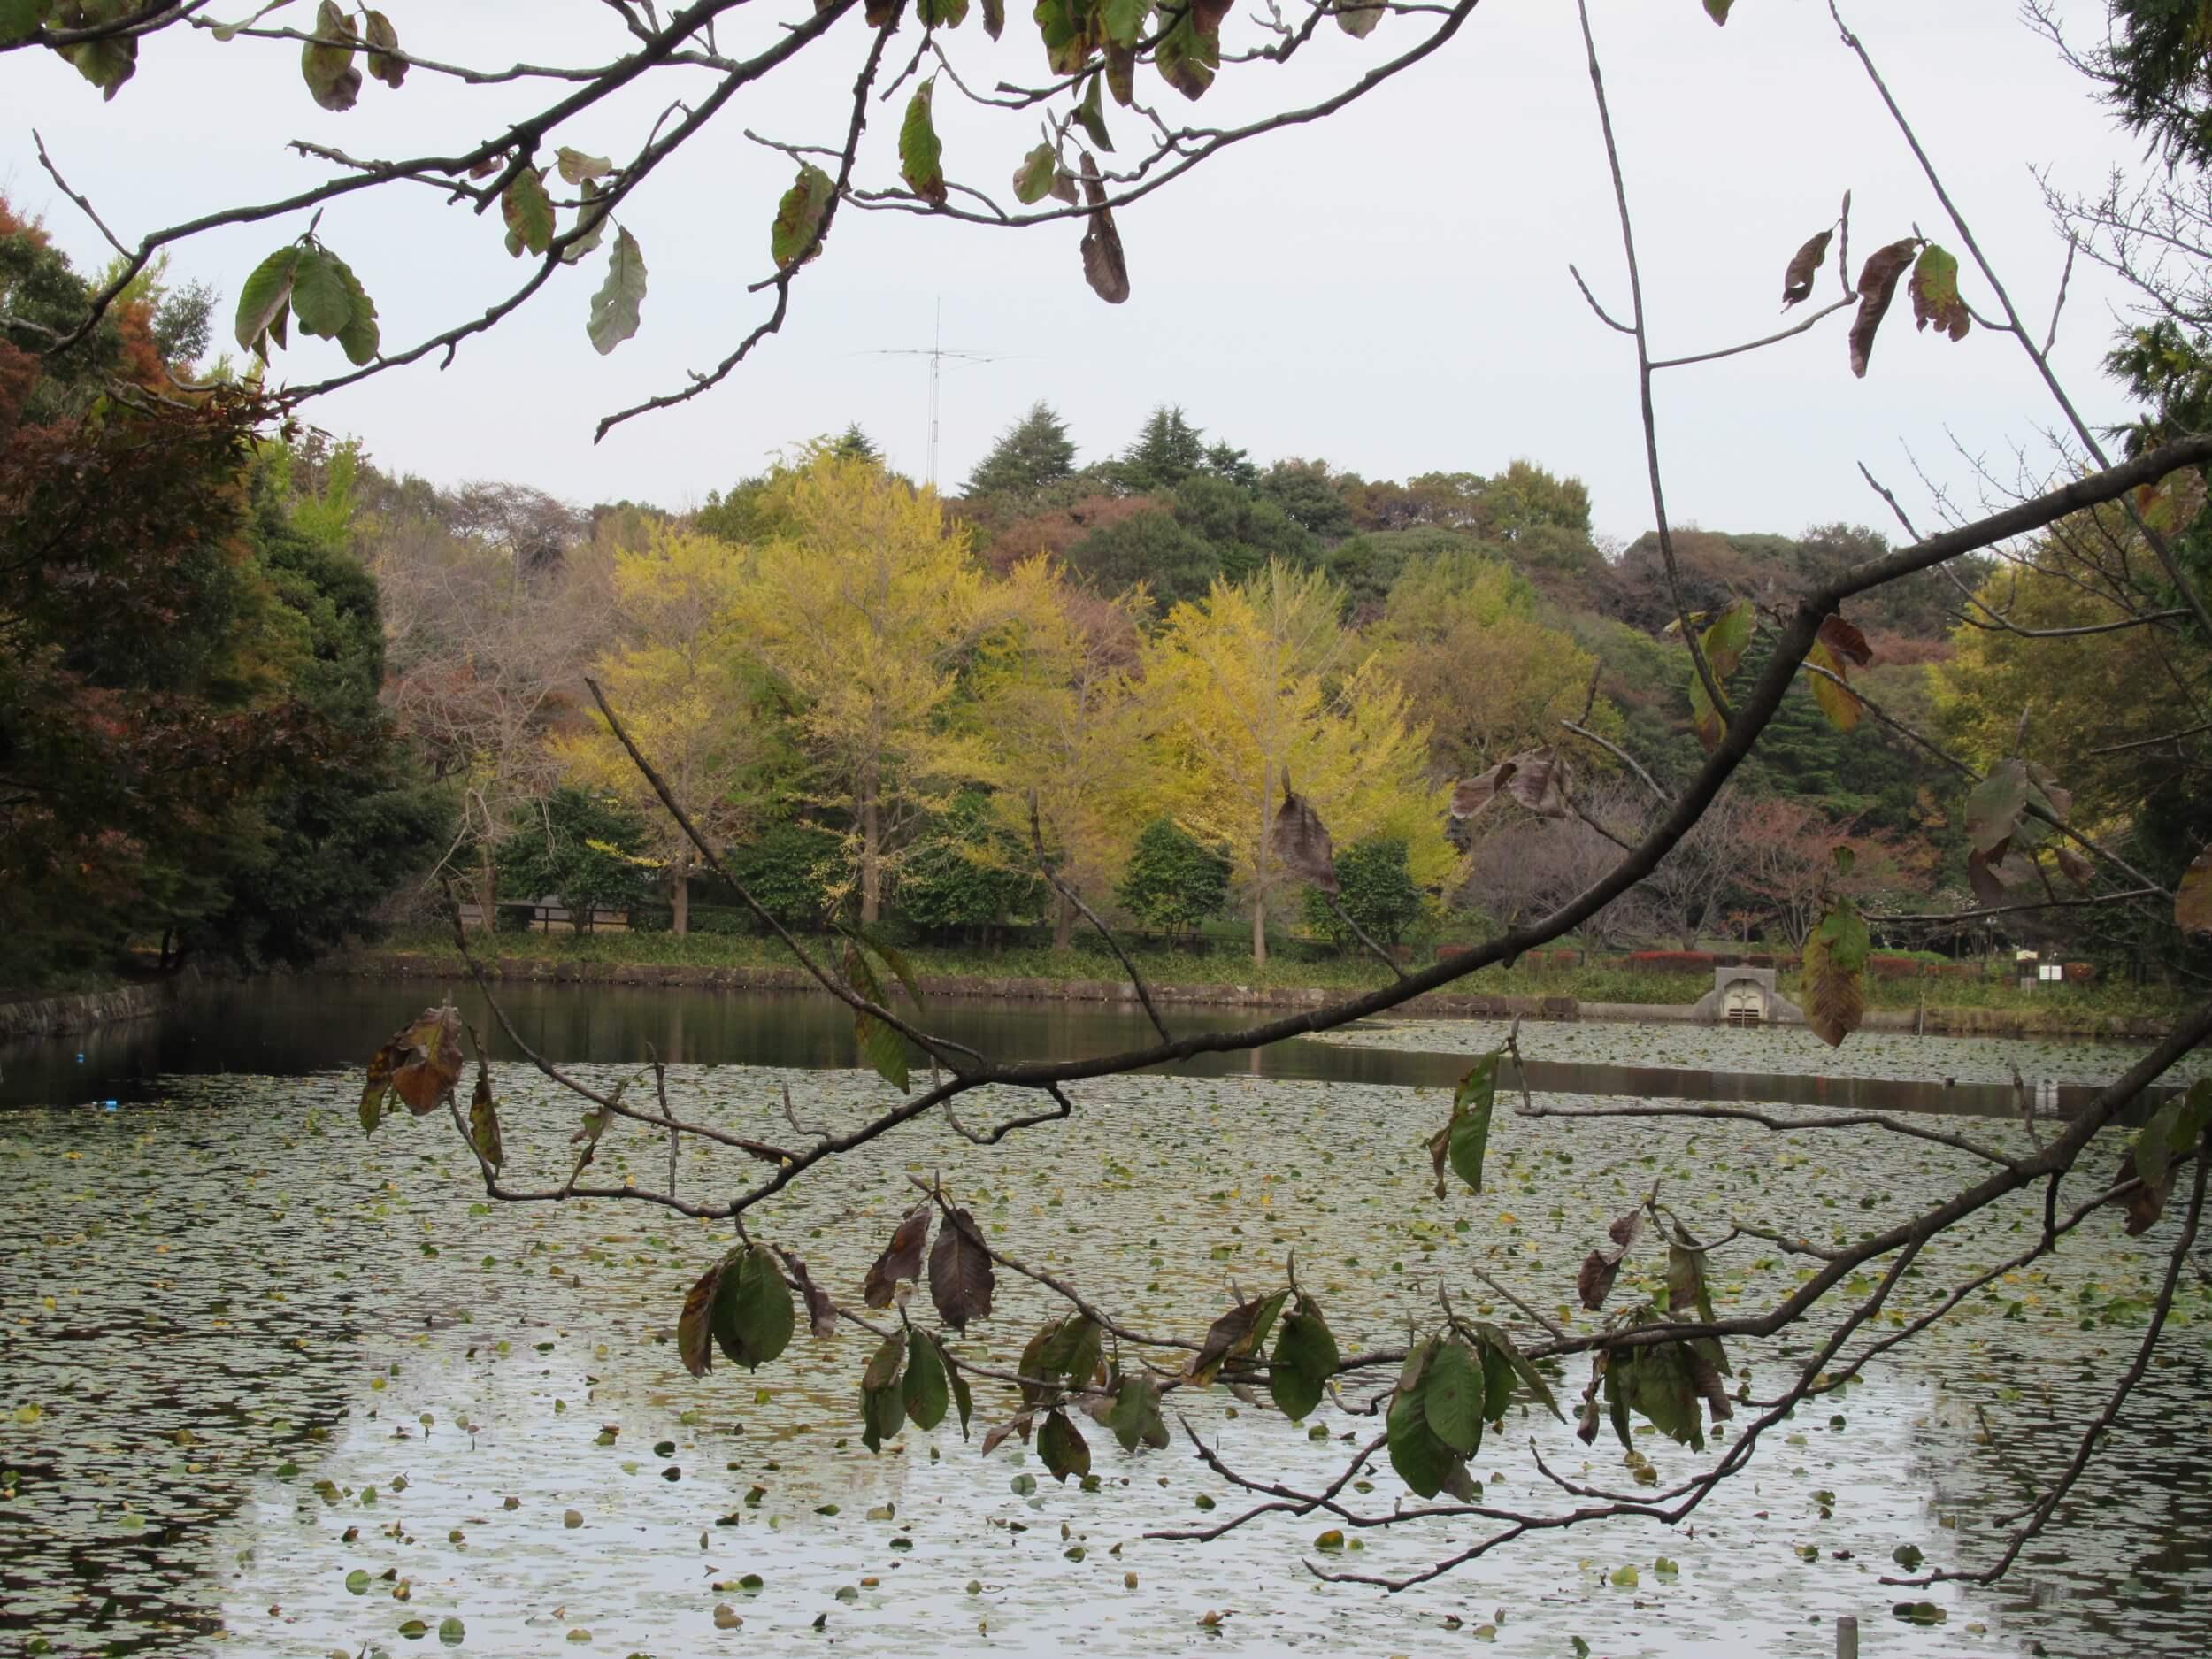 Kaminoike(Upper pond)・Autumn leaves3